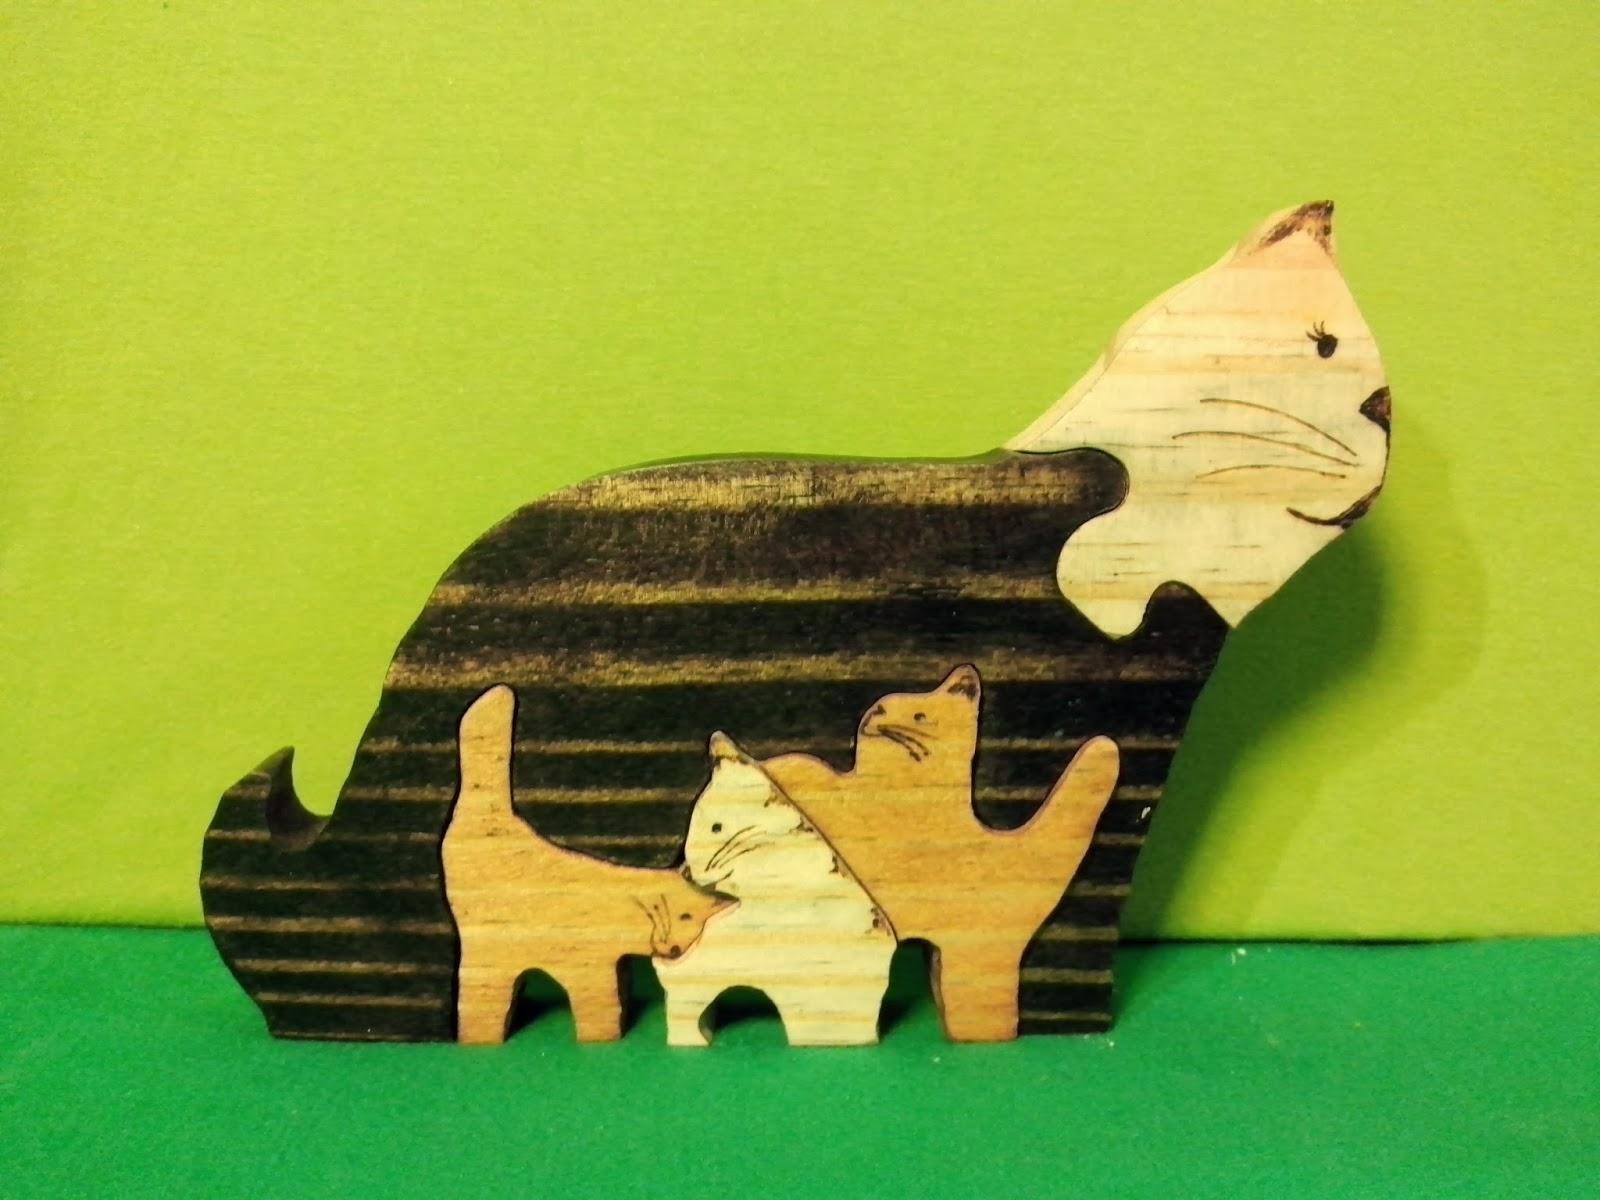 quebra cabeça gato brasilia madeira df